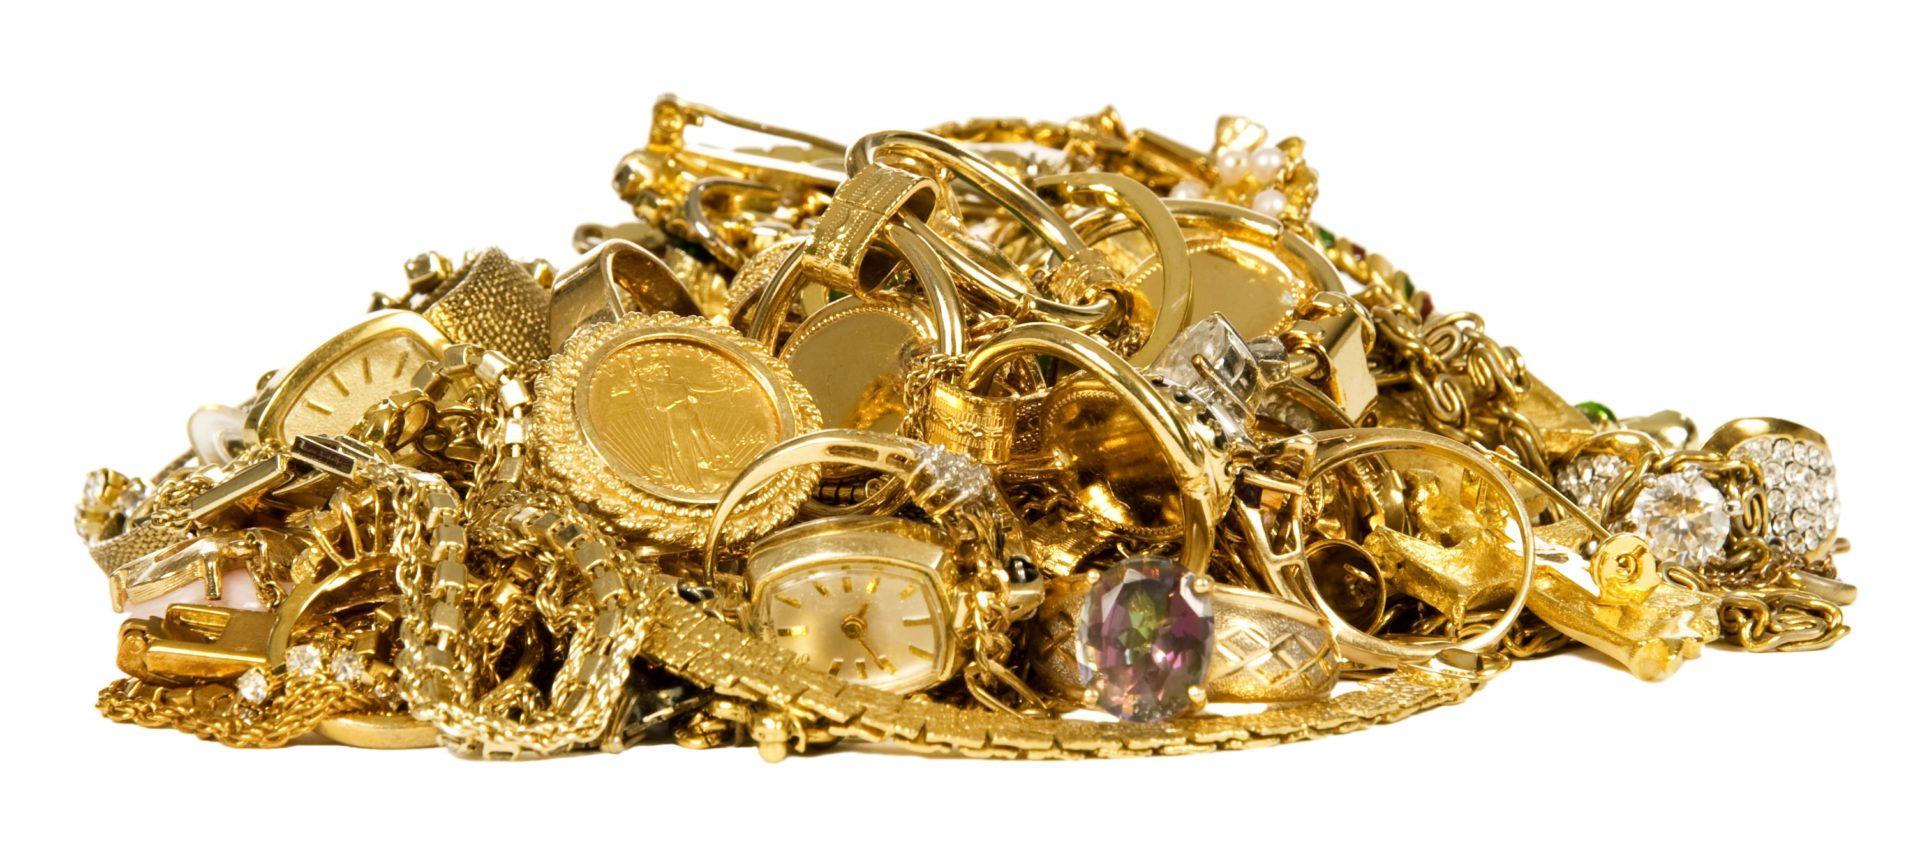 Altgold ankauf Köln Schmuckankaufen Goldankaufen Aurax Edelmetallhandel GmbH